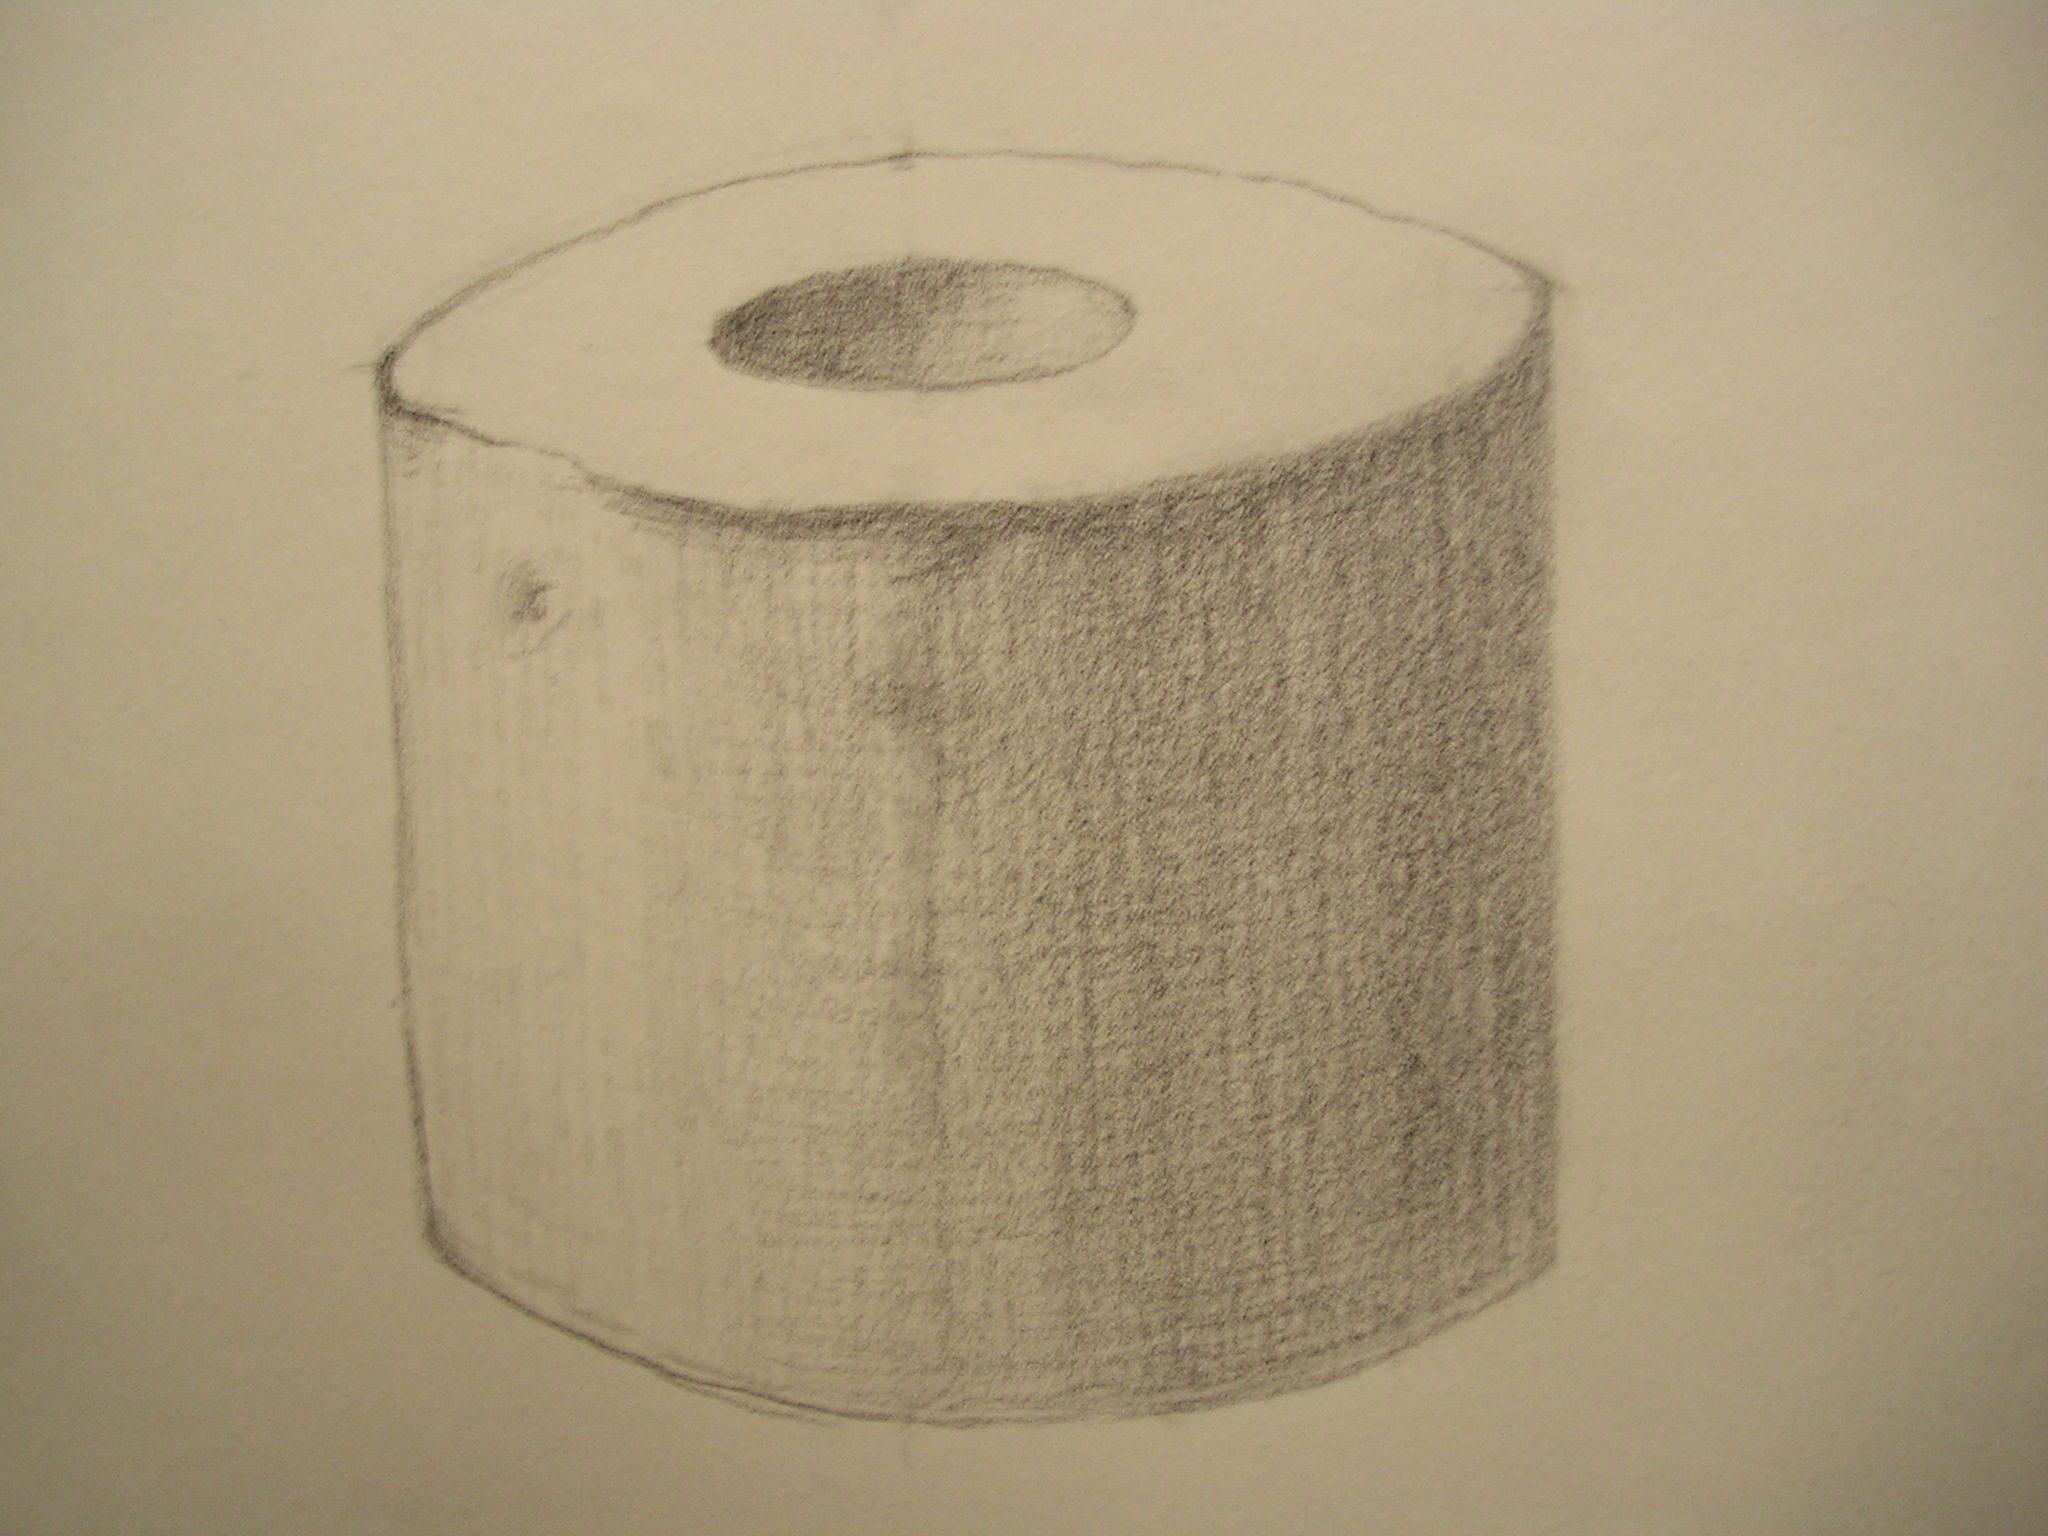 トイレットペーパーです。